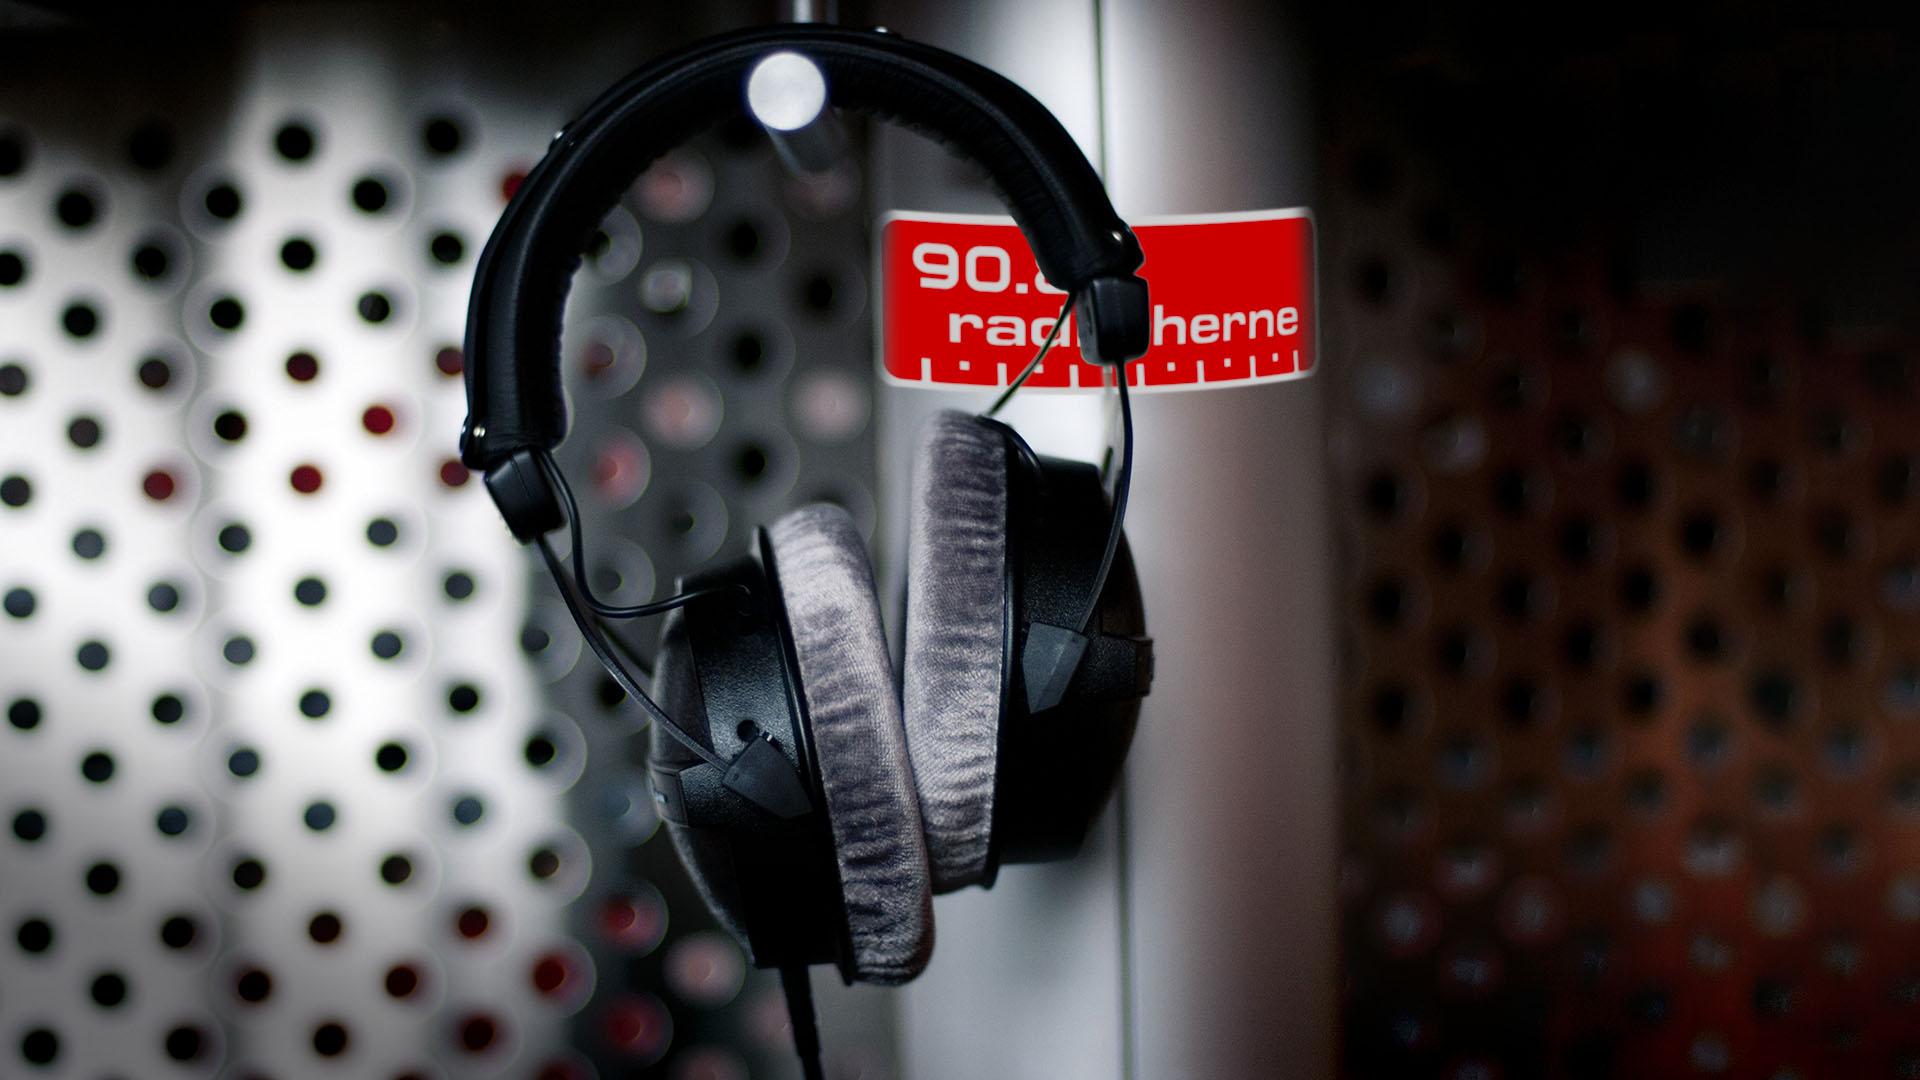 Das Studio in einer Nahaufnahme mit einem Kopfhörer von Radio Herne.